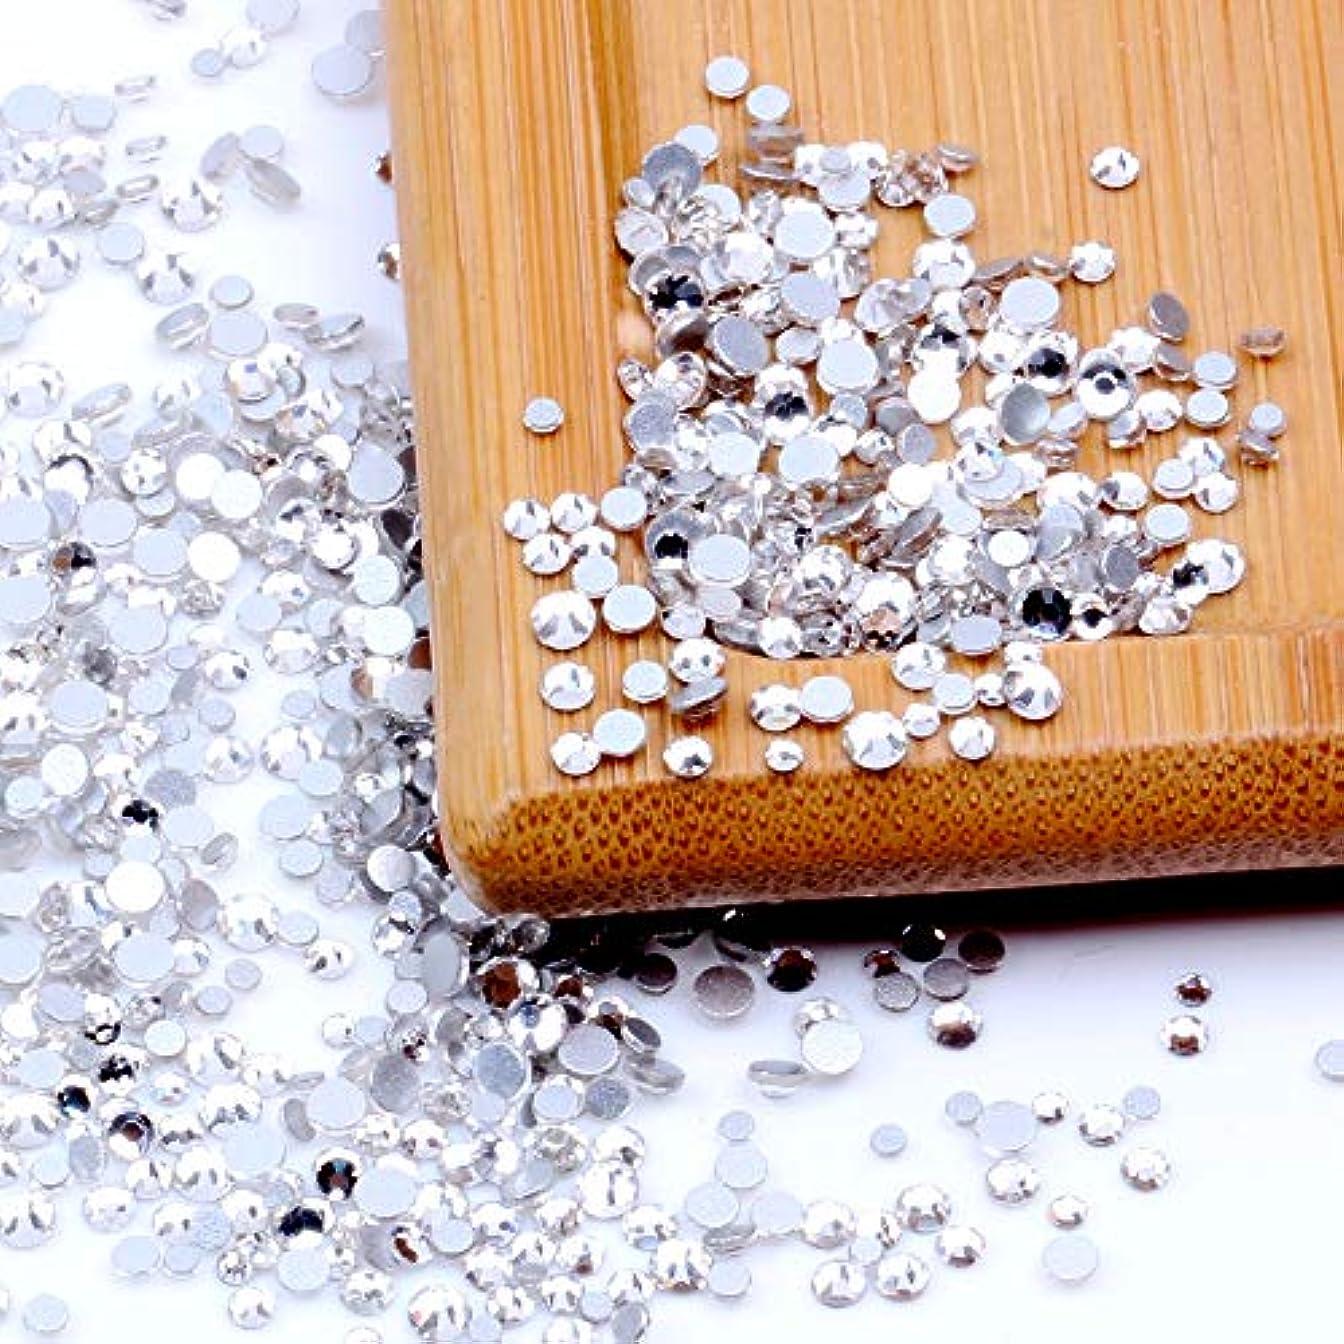 醜いアナリスト鎮痛剤Nizi ジュエリー ブランド ホワイトクリスタル ラインストーン はガラスの材質 ネイル使用 型番ss3-ss60 (SS3 1440pcs)